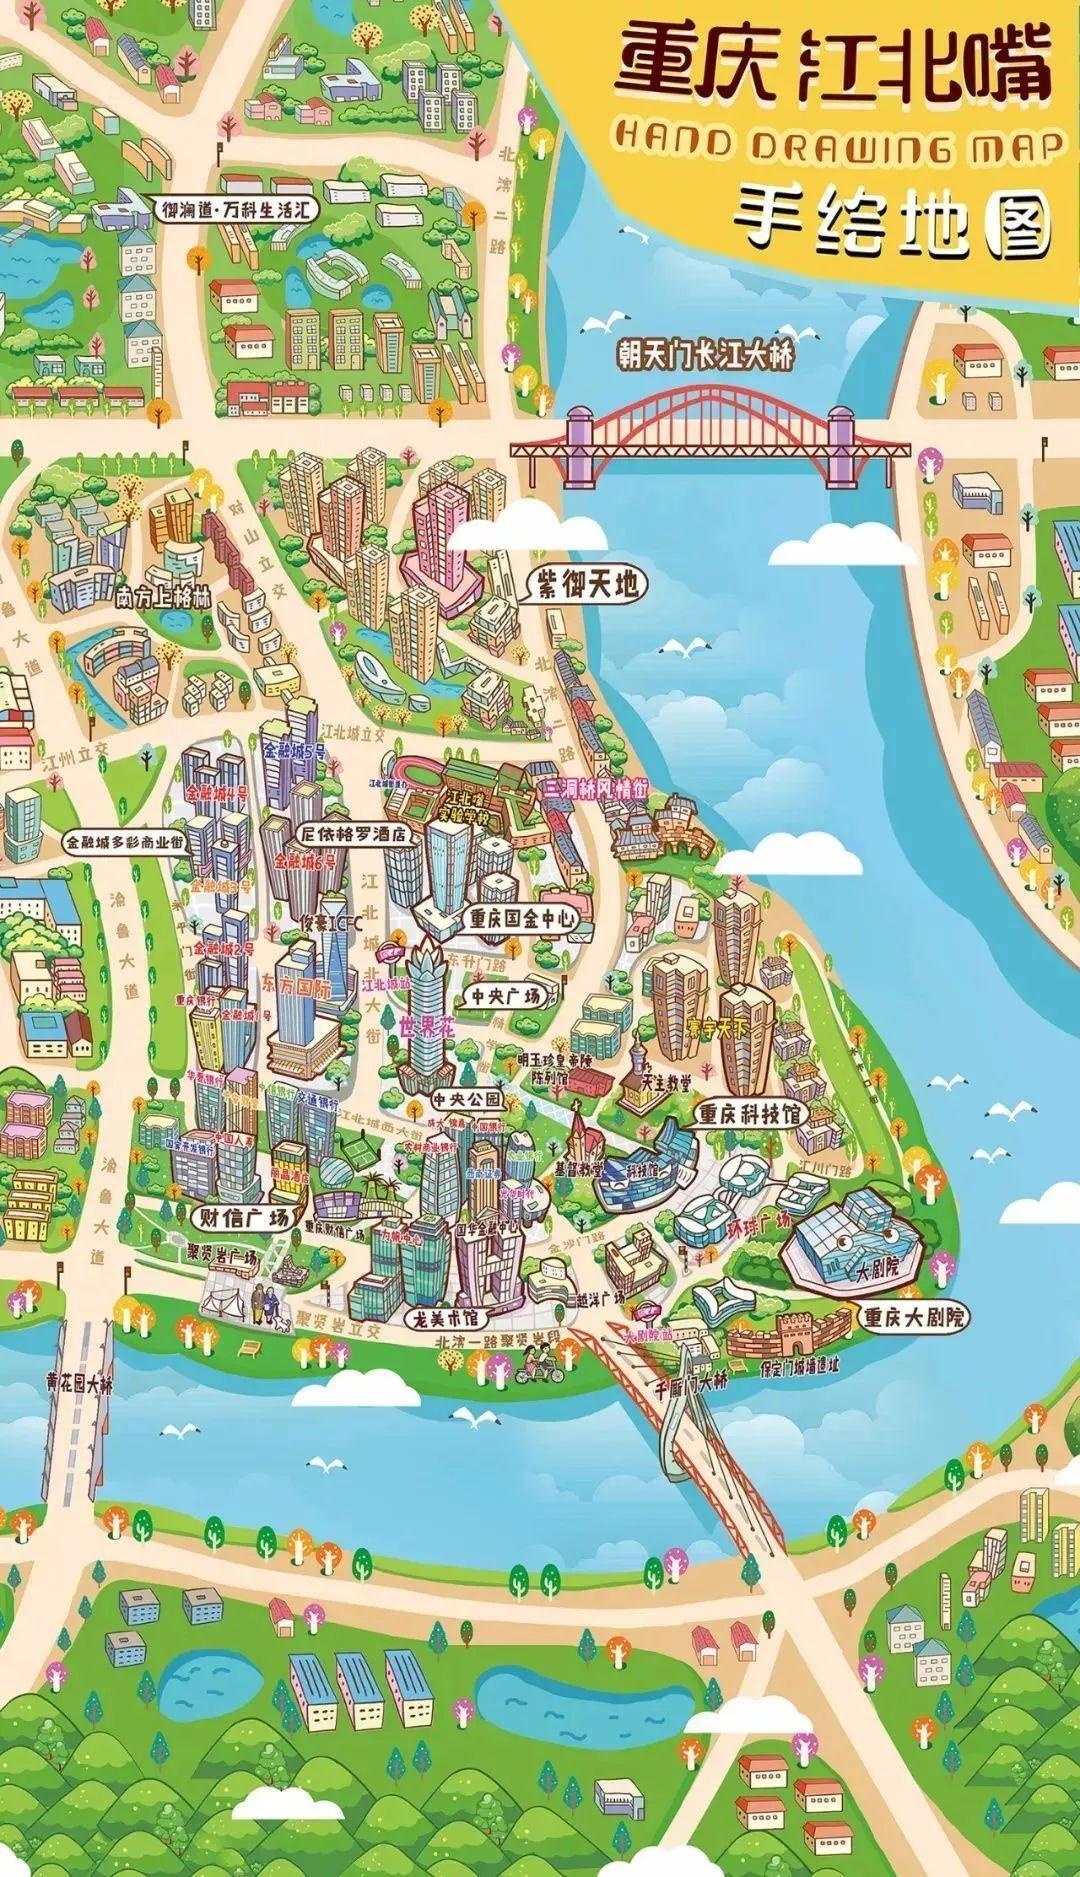 江北嘴手绘地图